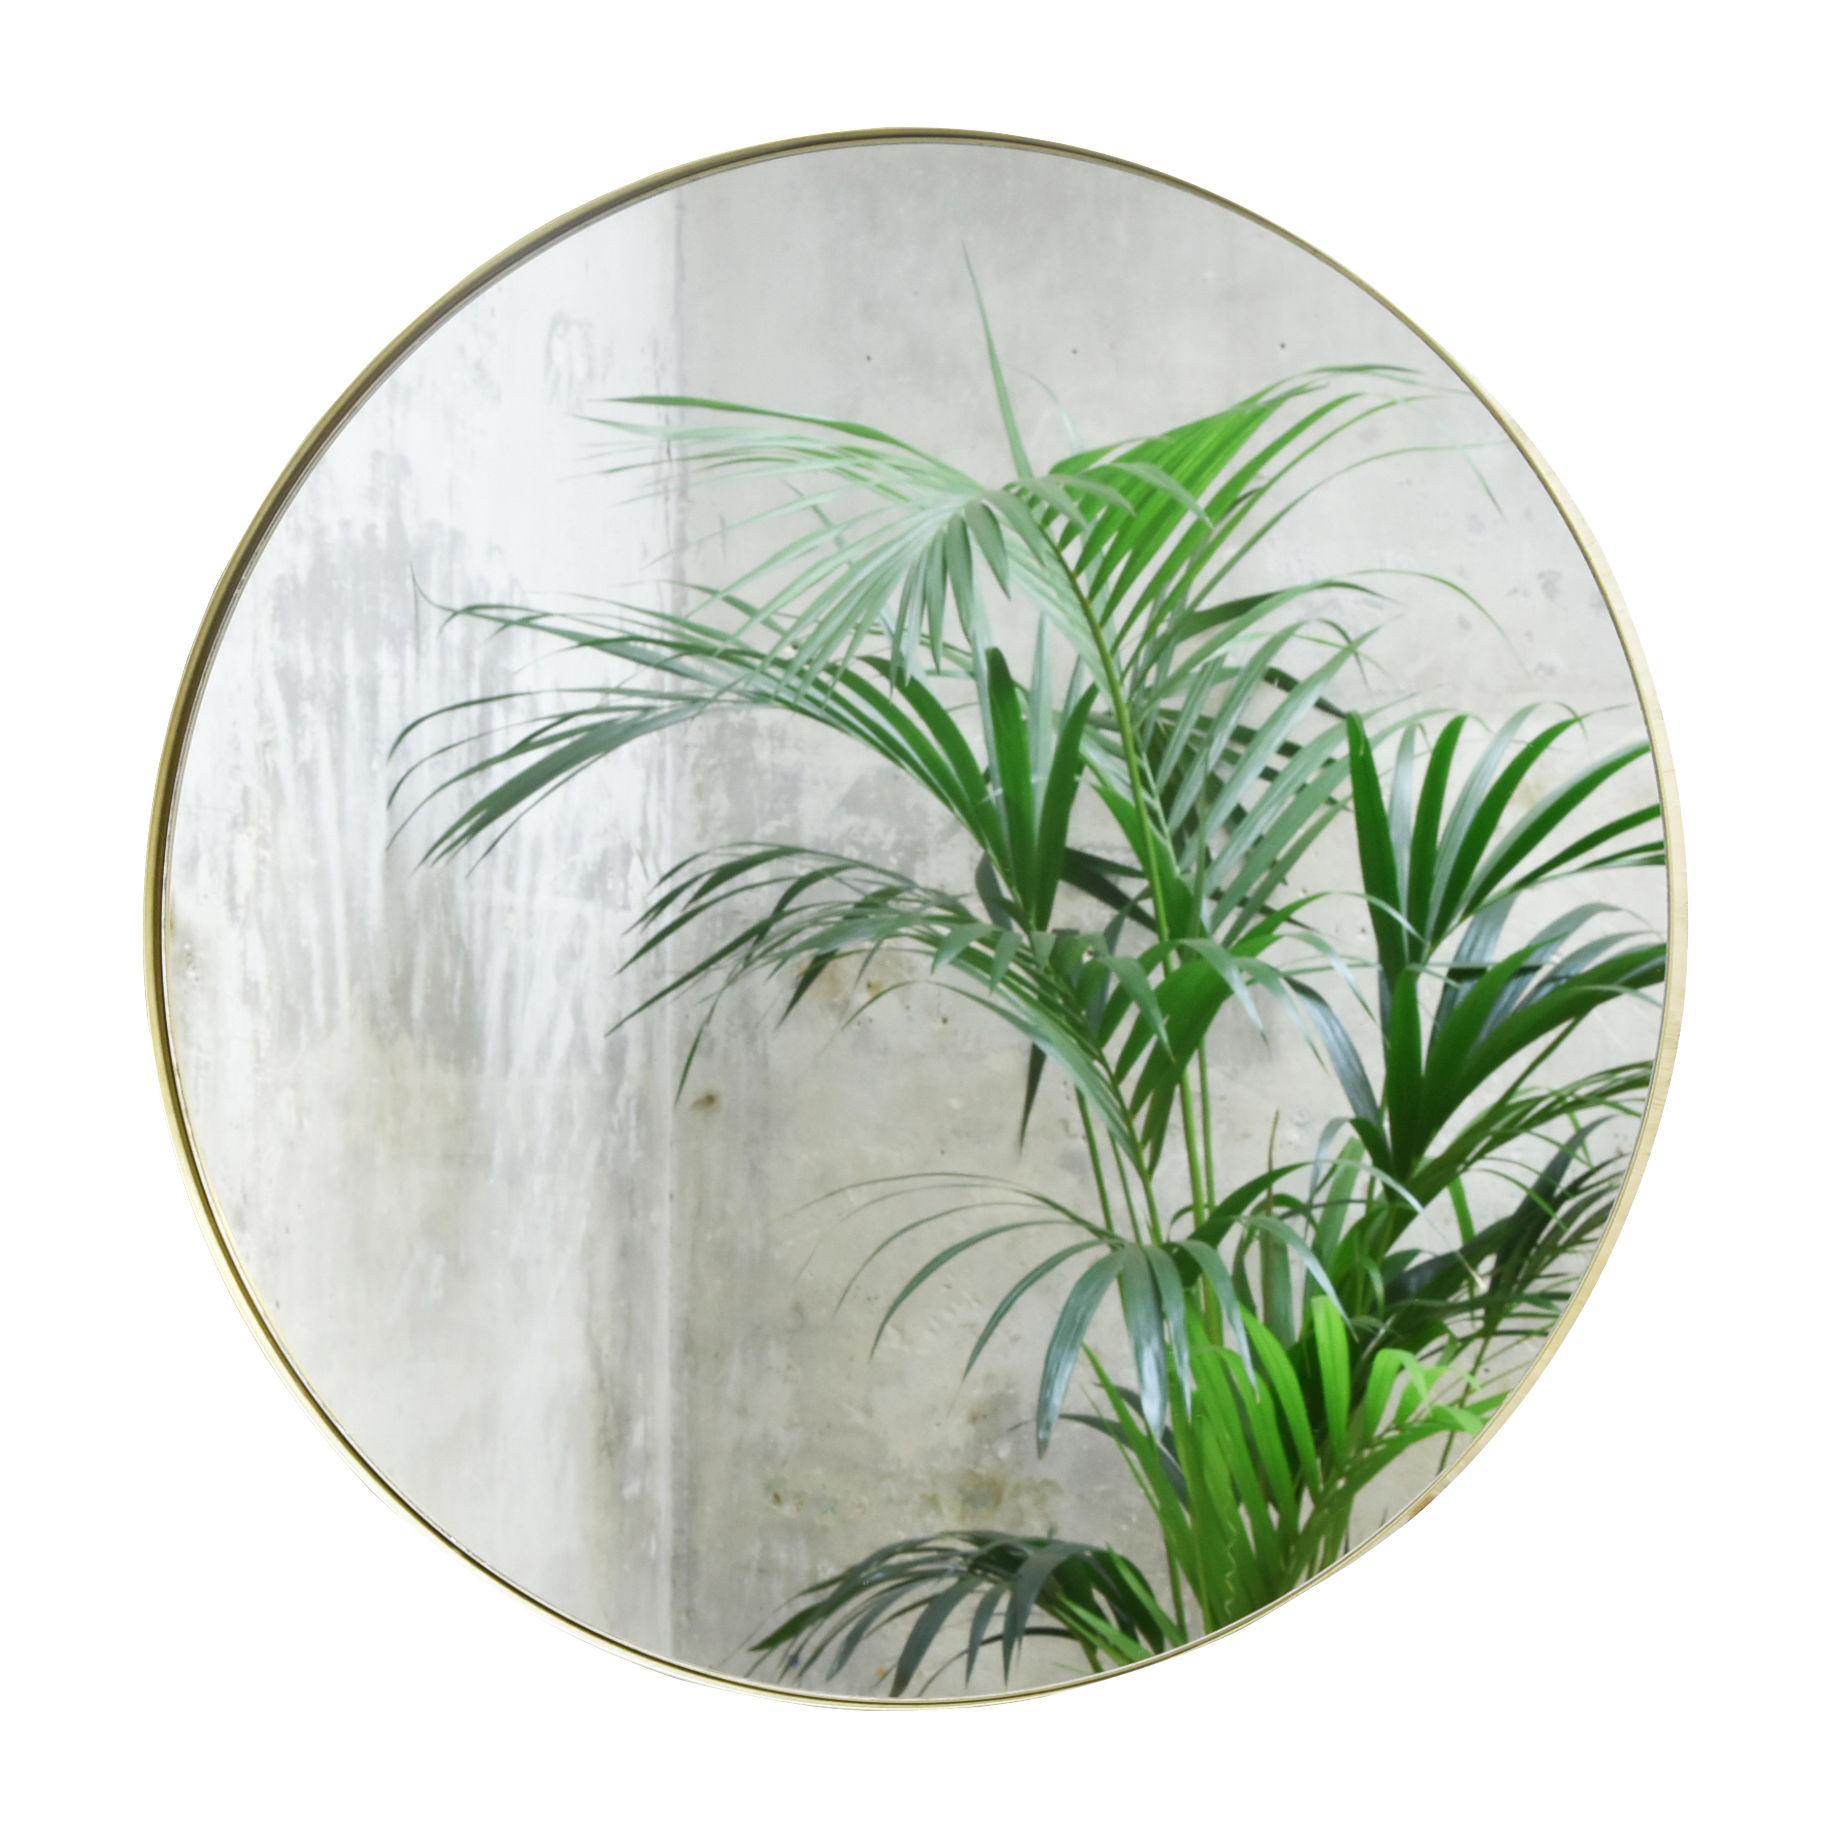 Interni - Specchi - Specchio murale Cruziana Rond - / Ø 47 cm di ENOstudio - Ottone - Acciaio, Vetro